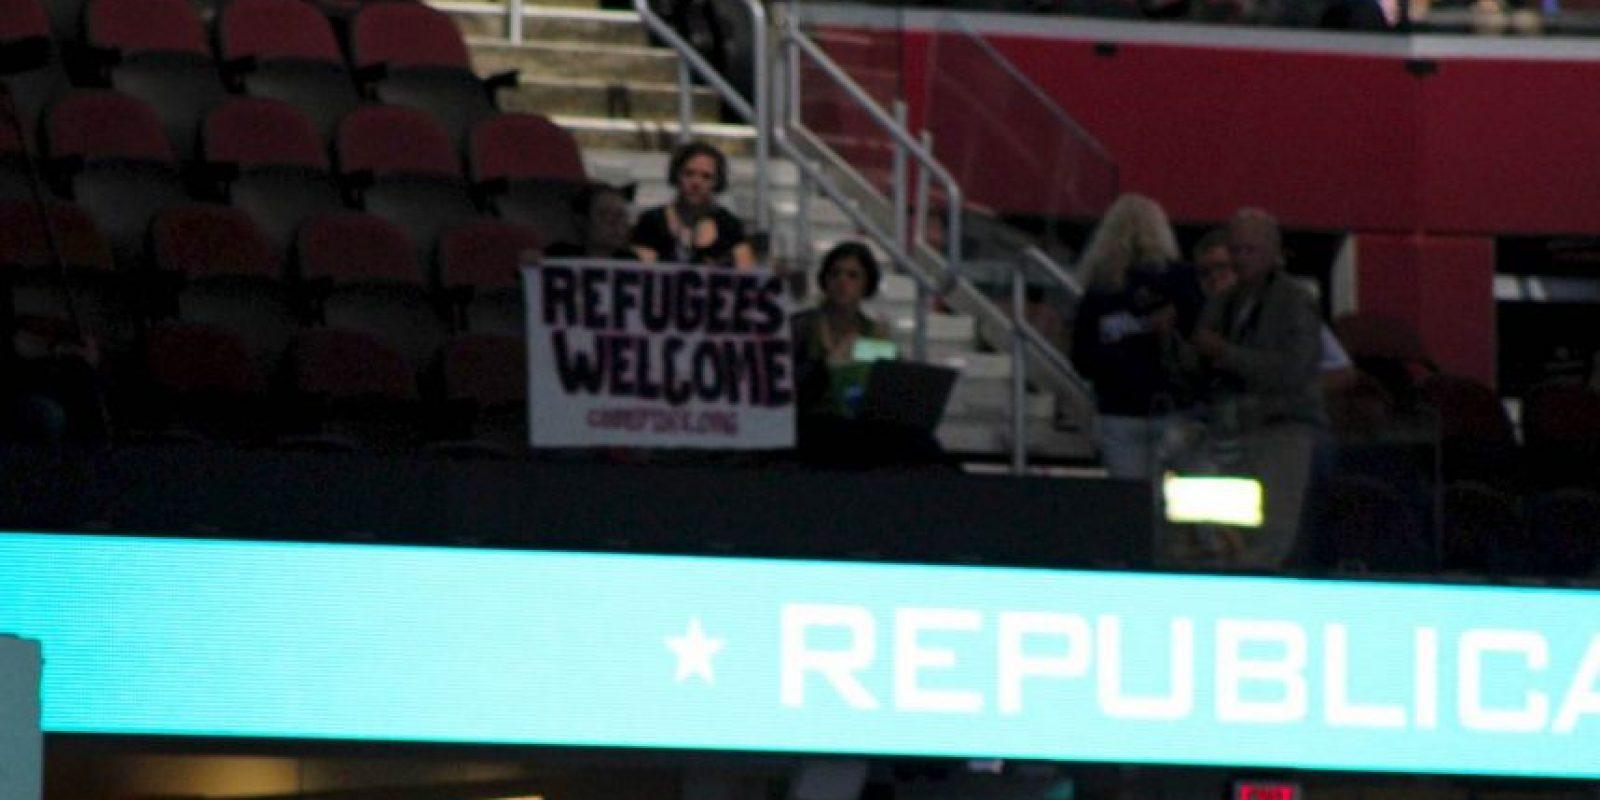 Una asistente a la Convención Nacional Republicana protestó durante la sesión y pidió que se dieran la bienvenida a los refugiados. Foto:Publimetro